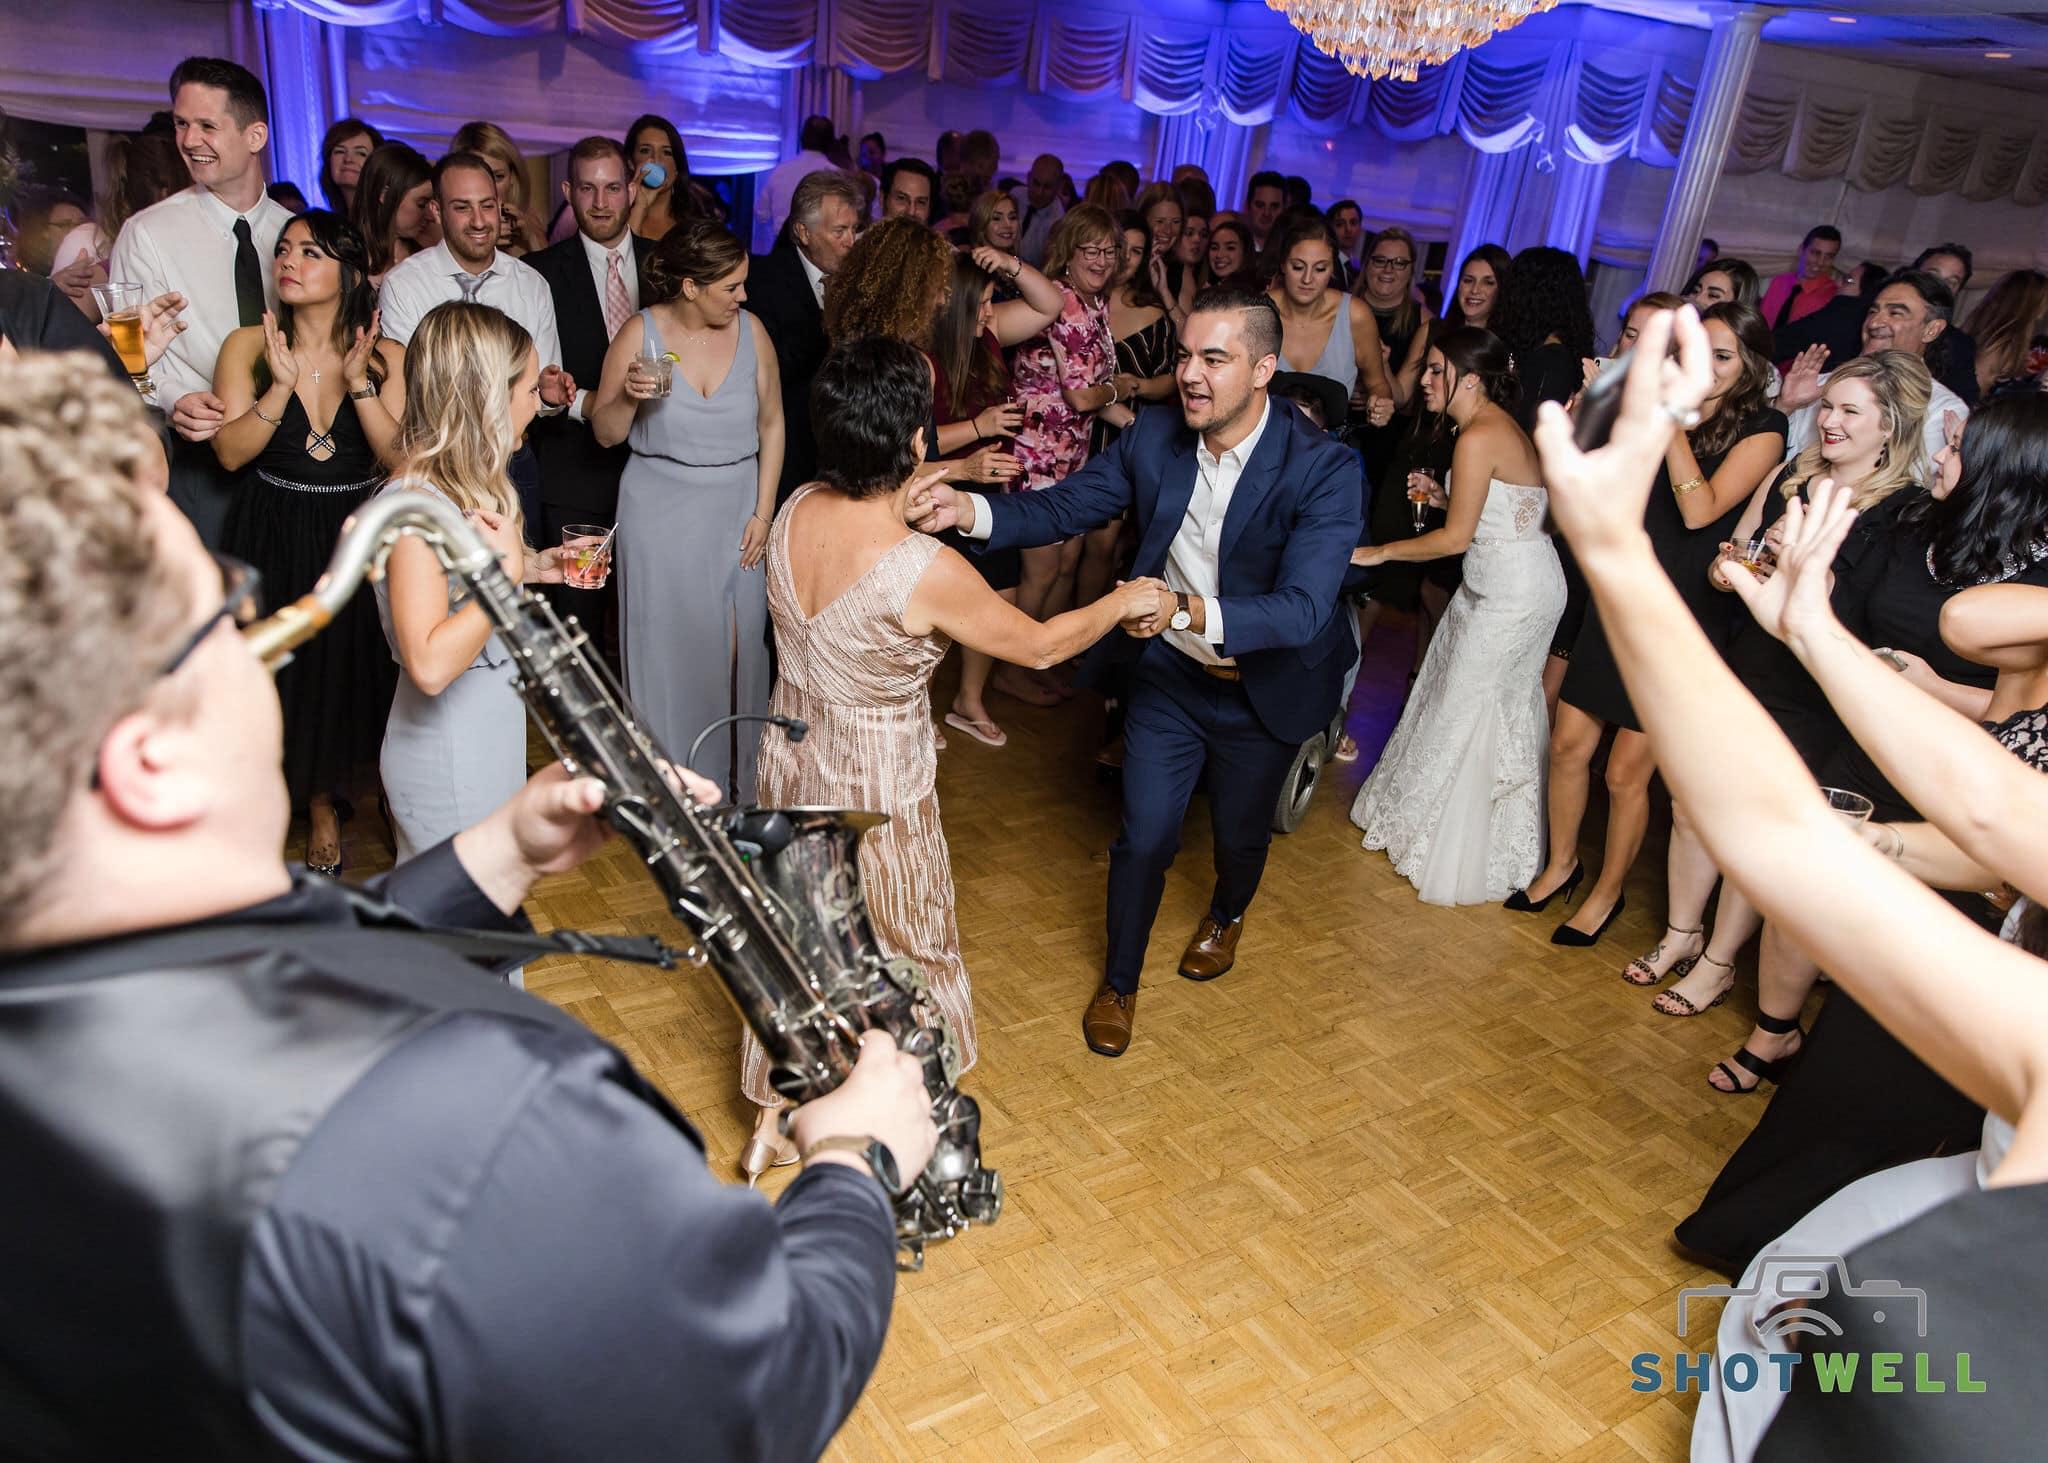 597-Joe Baracata Band wedding entertainment NJ